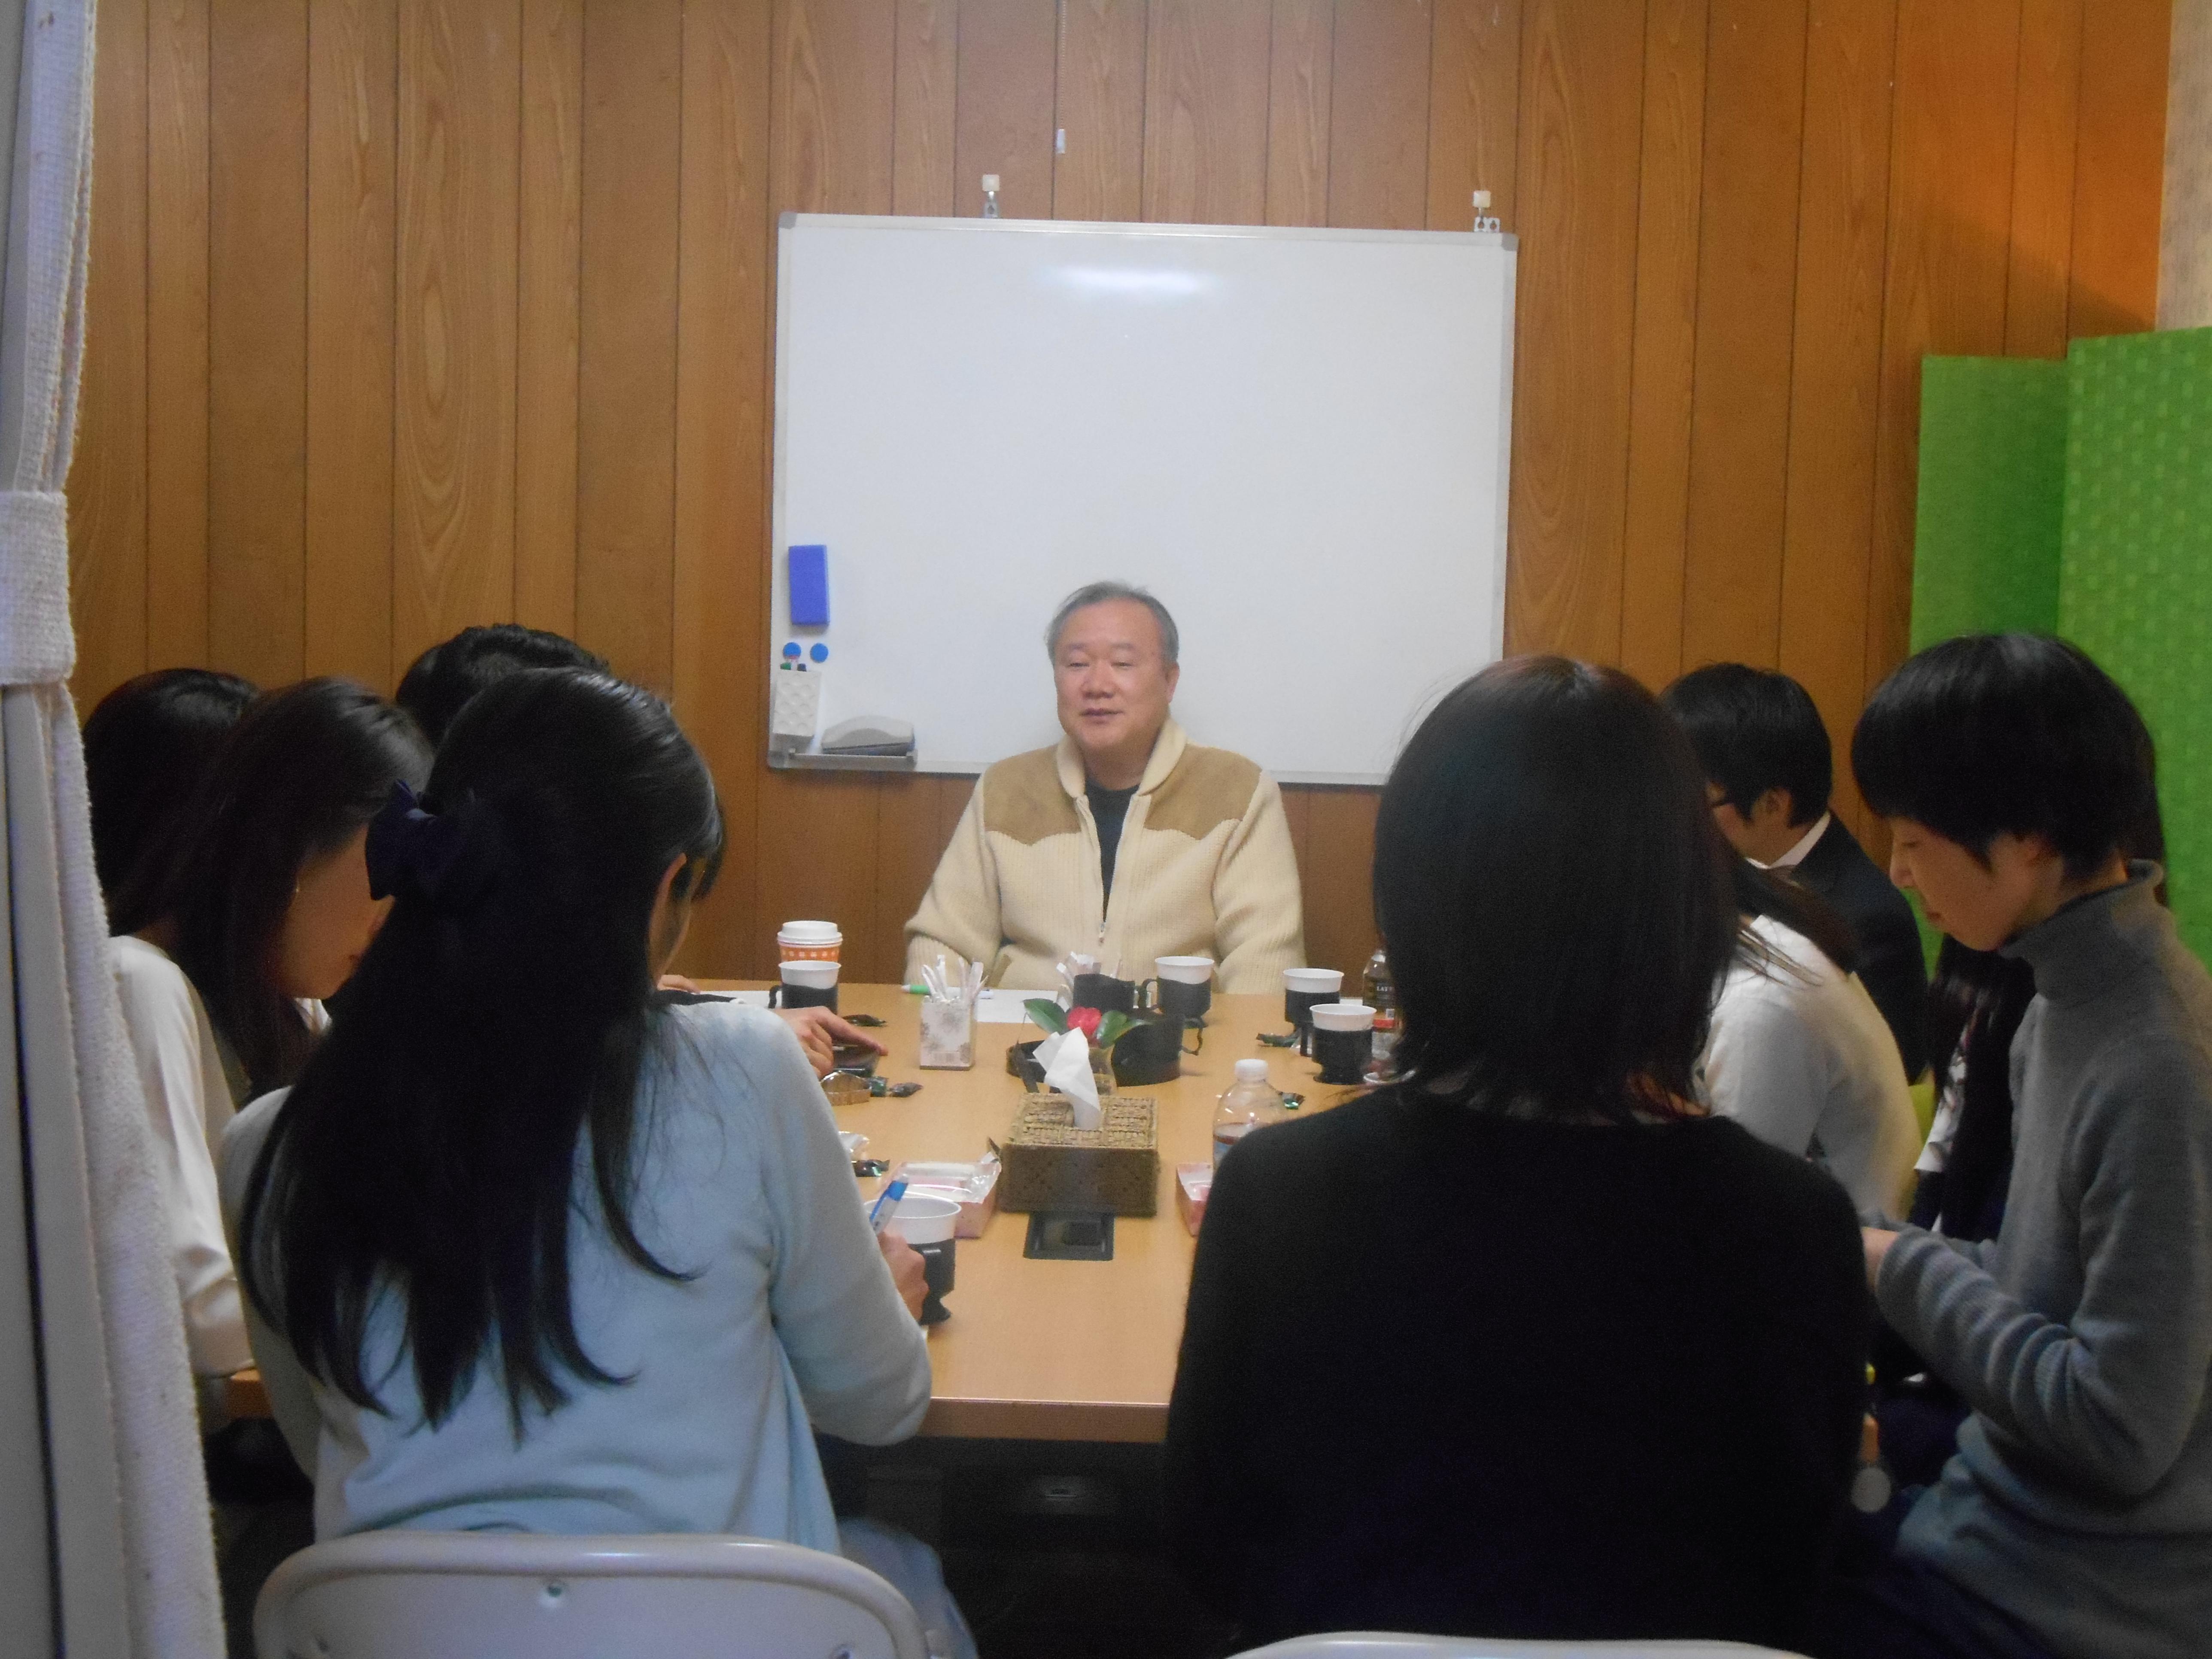 DSCN0012 - 愛の子育て塾14期第4講座